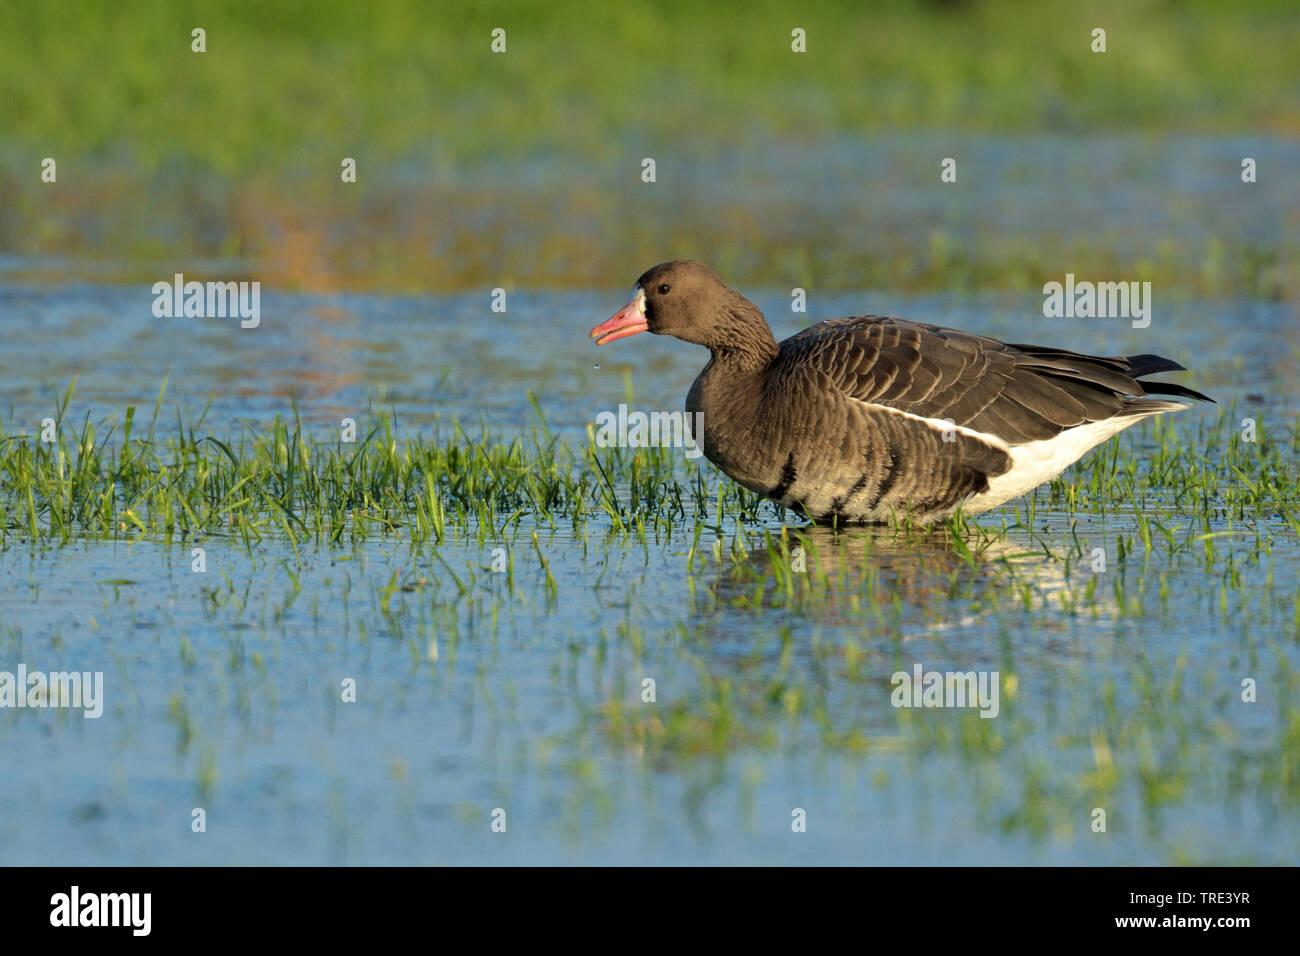 Blaessgans, Blaess-Gans, Blessgans, Bless-Gans (Anser albifrons), im Wasser, Deutschland, Nordrhein-Westfalen | white-fronted goose (Anser albifrons), - Stock Image